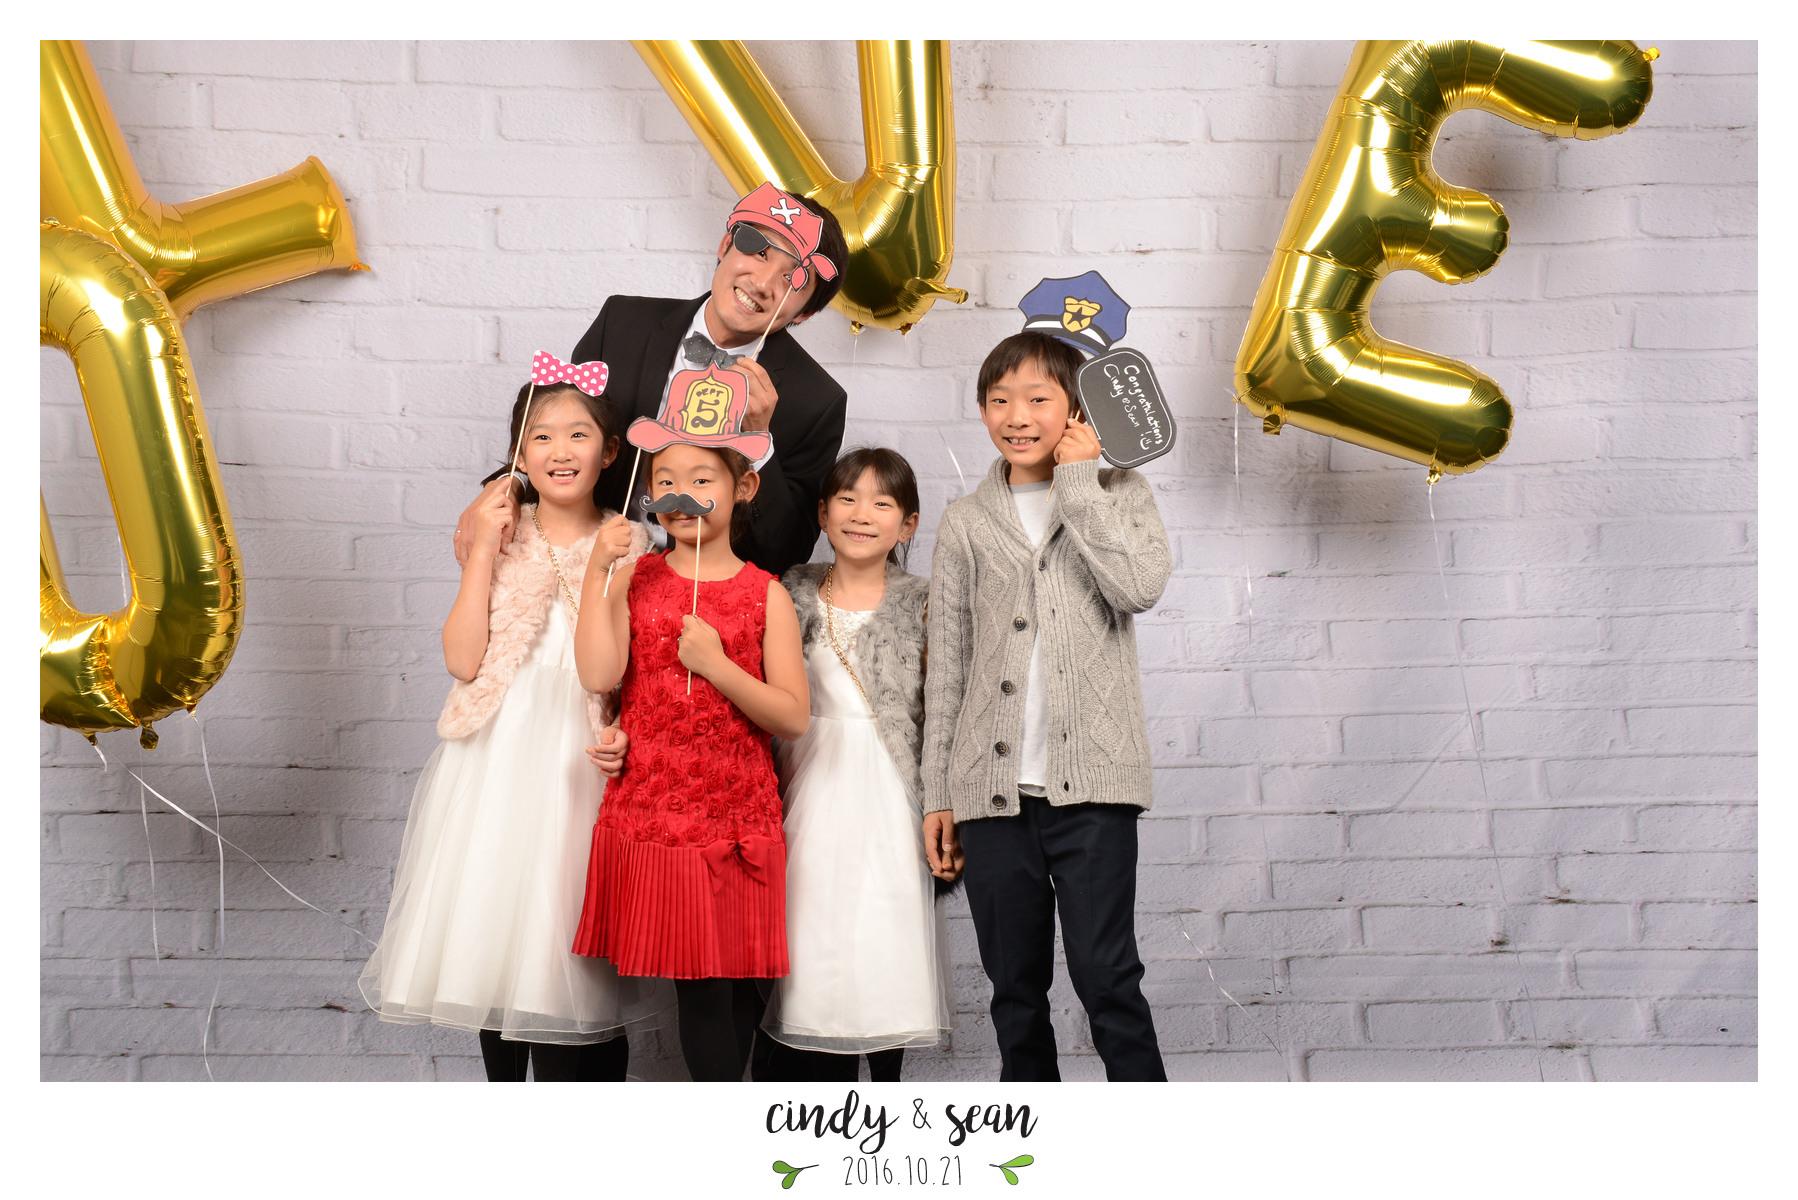 Cindy Sean Bae - 0001-72.jpg